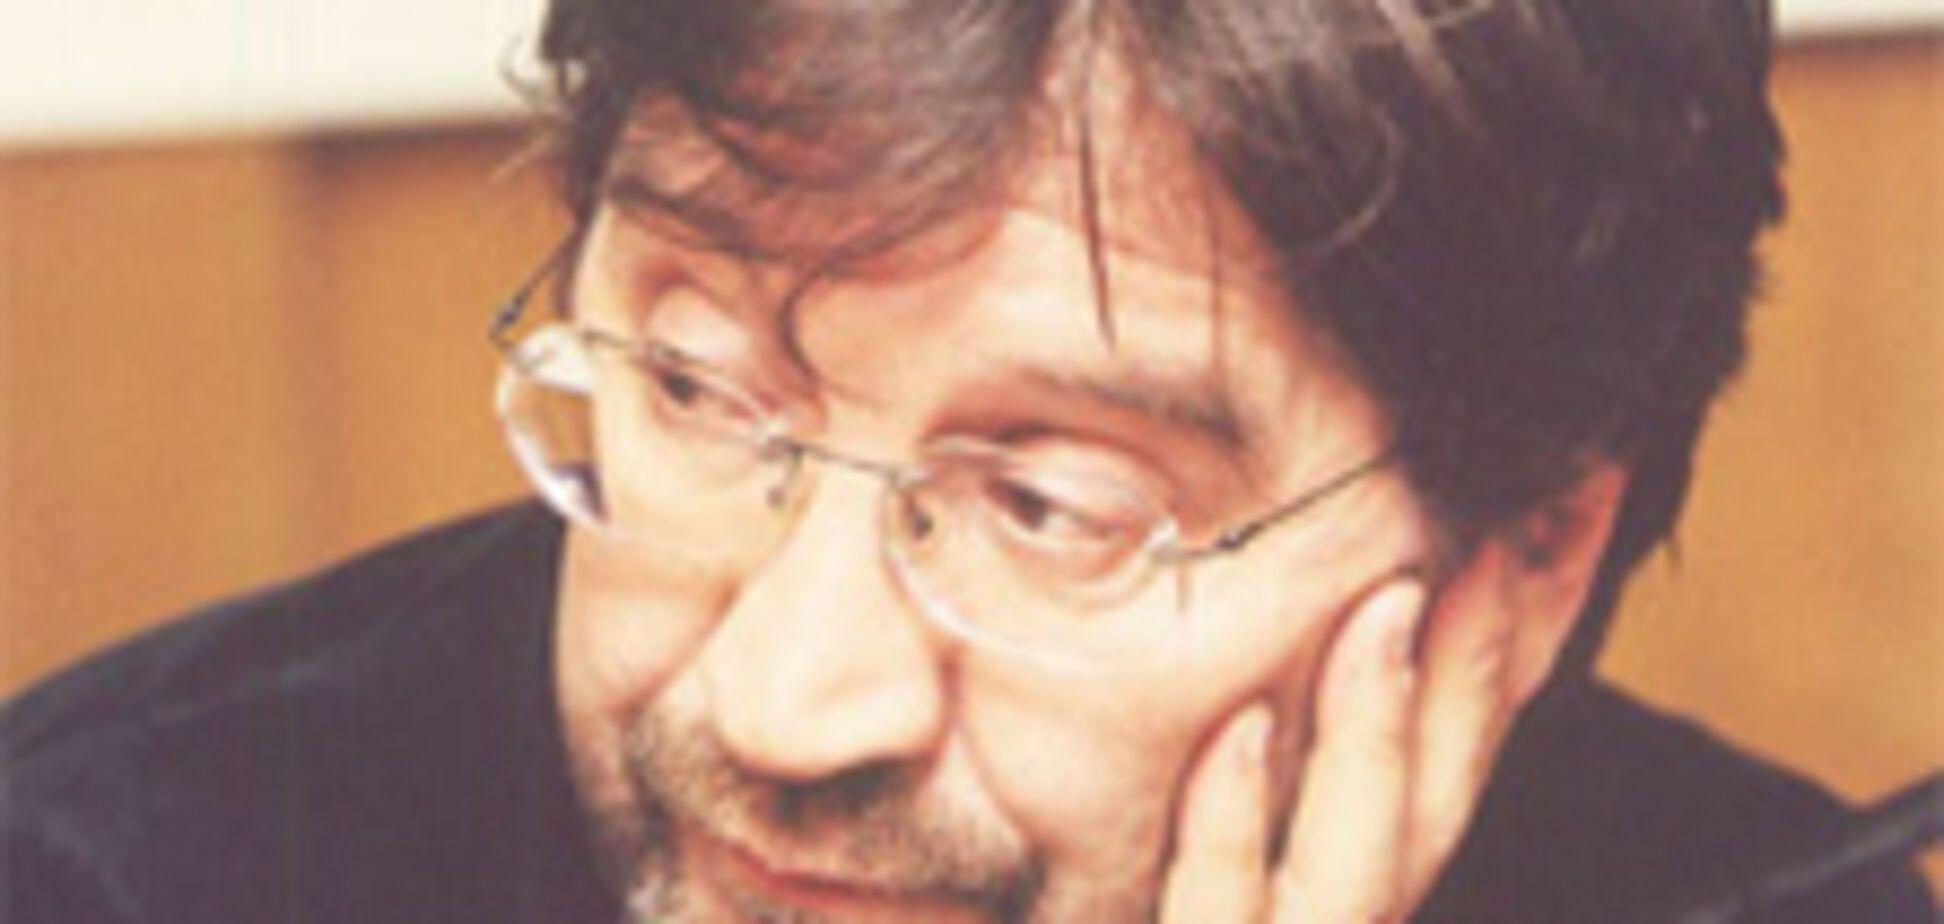 Юрий Шевчук: 'Киркоров — несчастный, убогий человек, но зуб ему я не выбивал.'